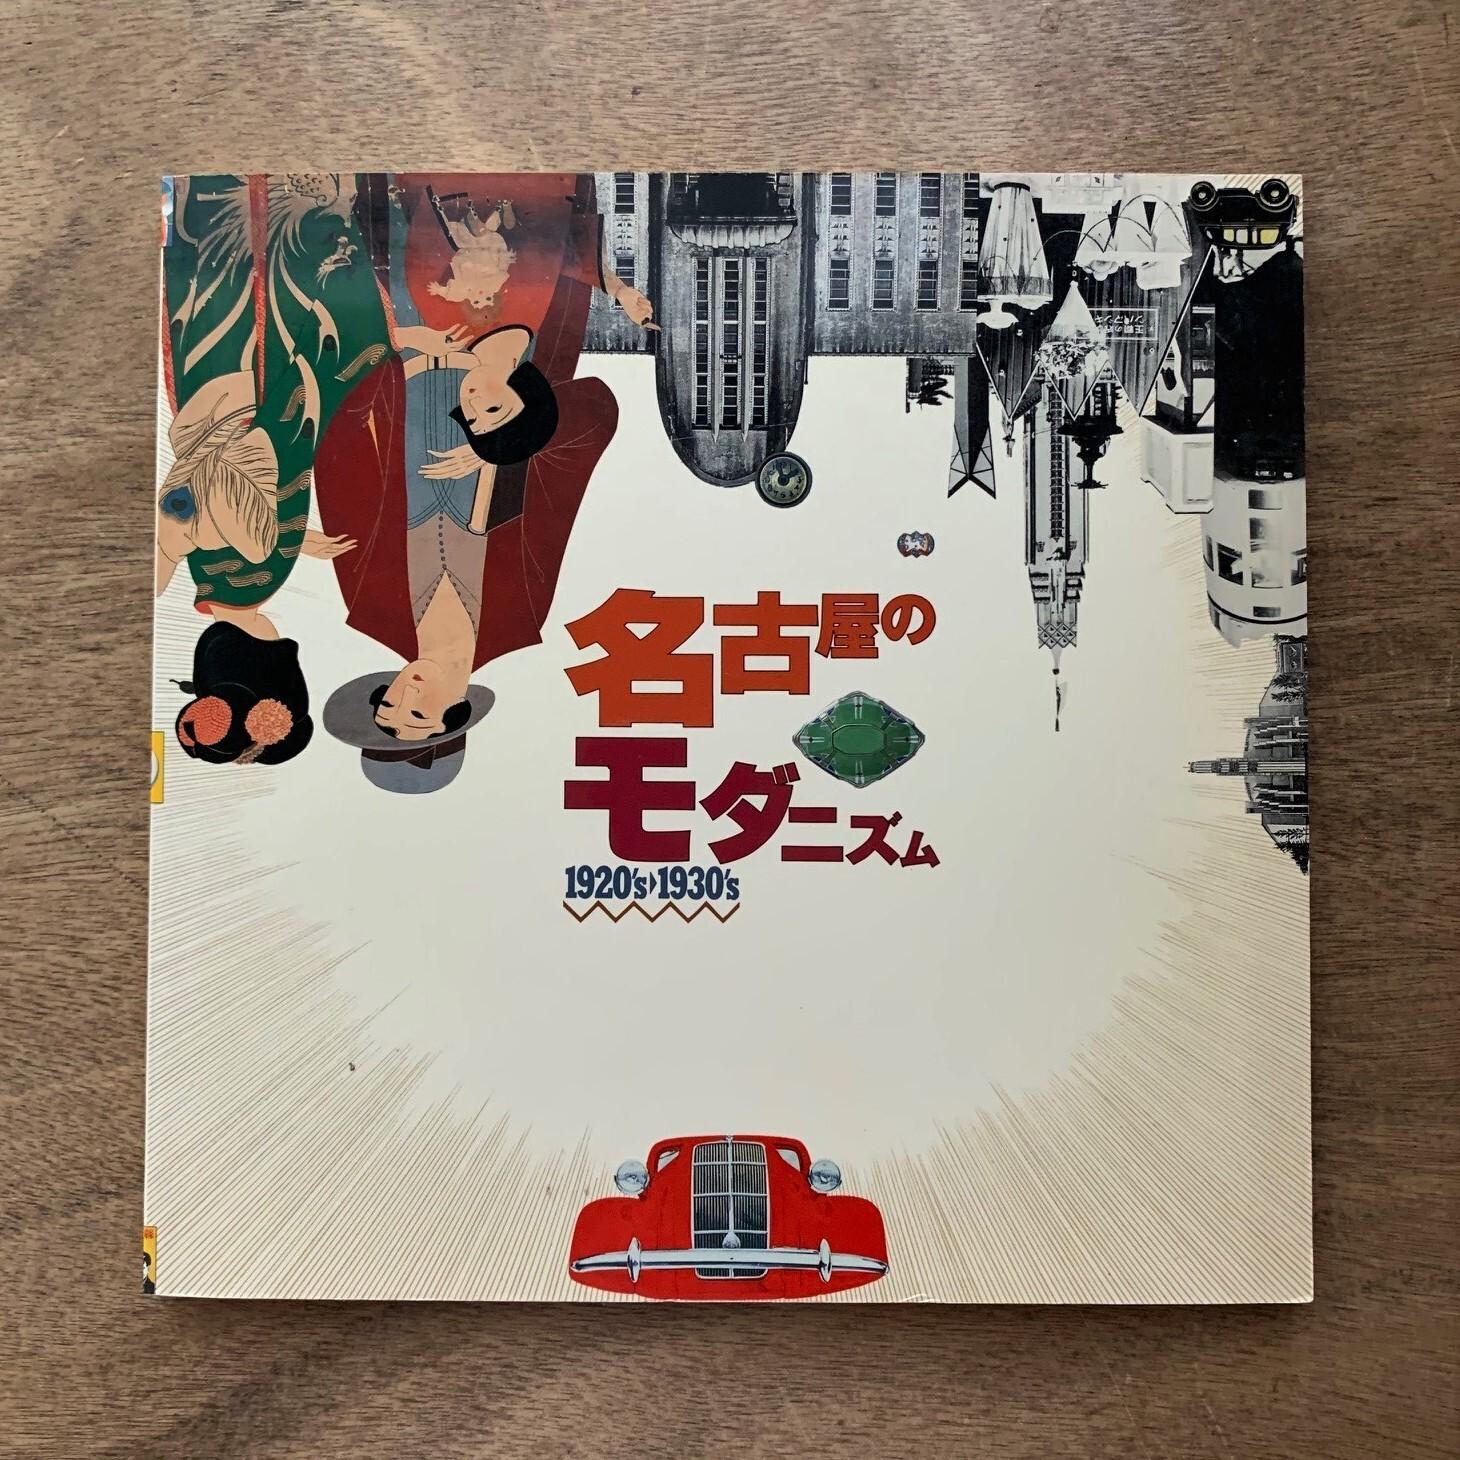 名古屋のモダニズム1920's-1930's /イナックスブックレット /  INAX出版 1990年